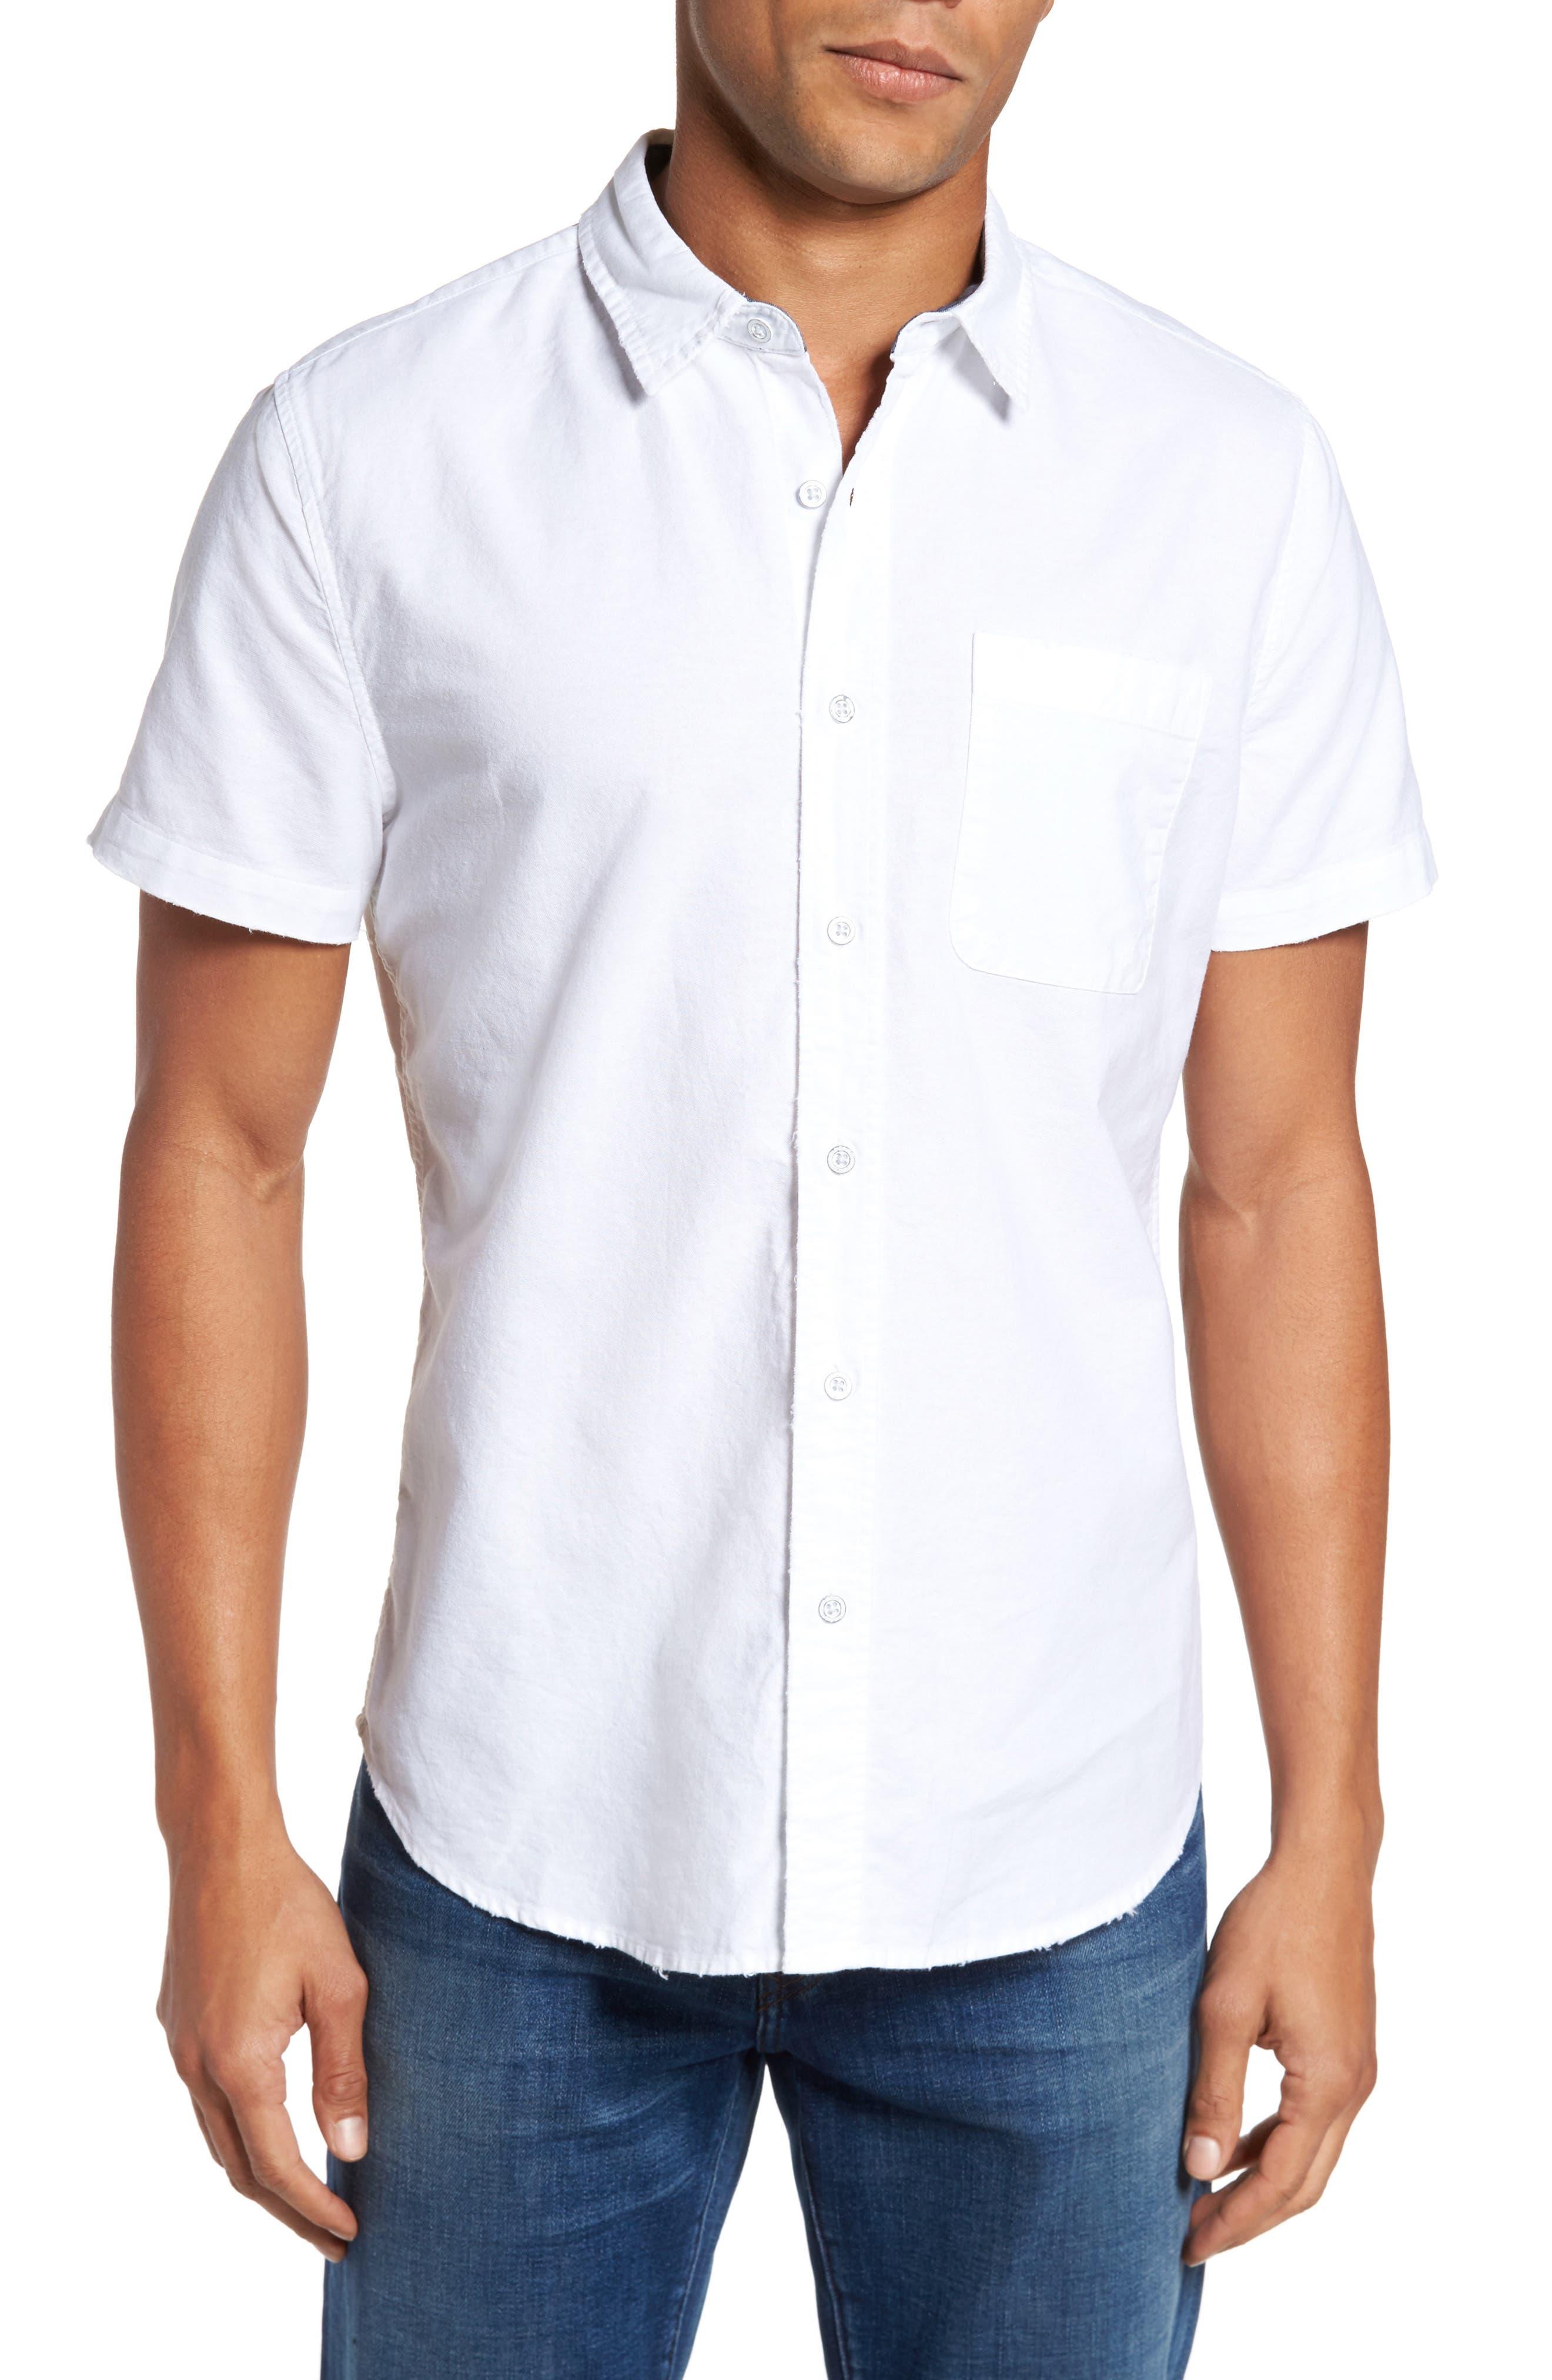 Main Image - AG Nash Slim Fit Sport Shirt